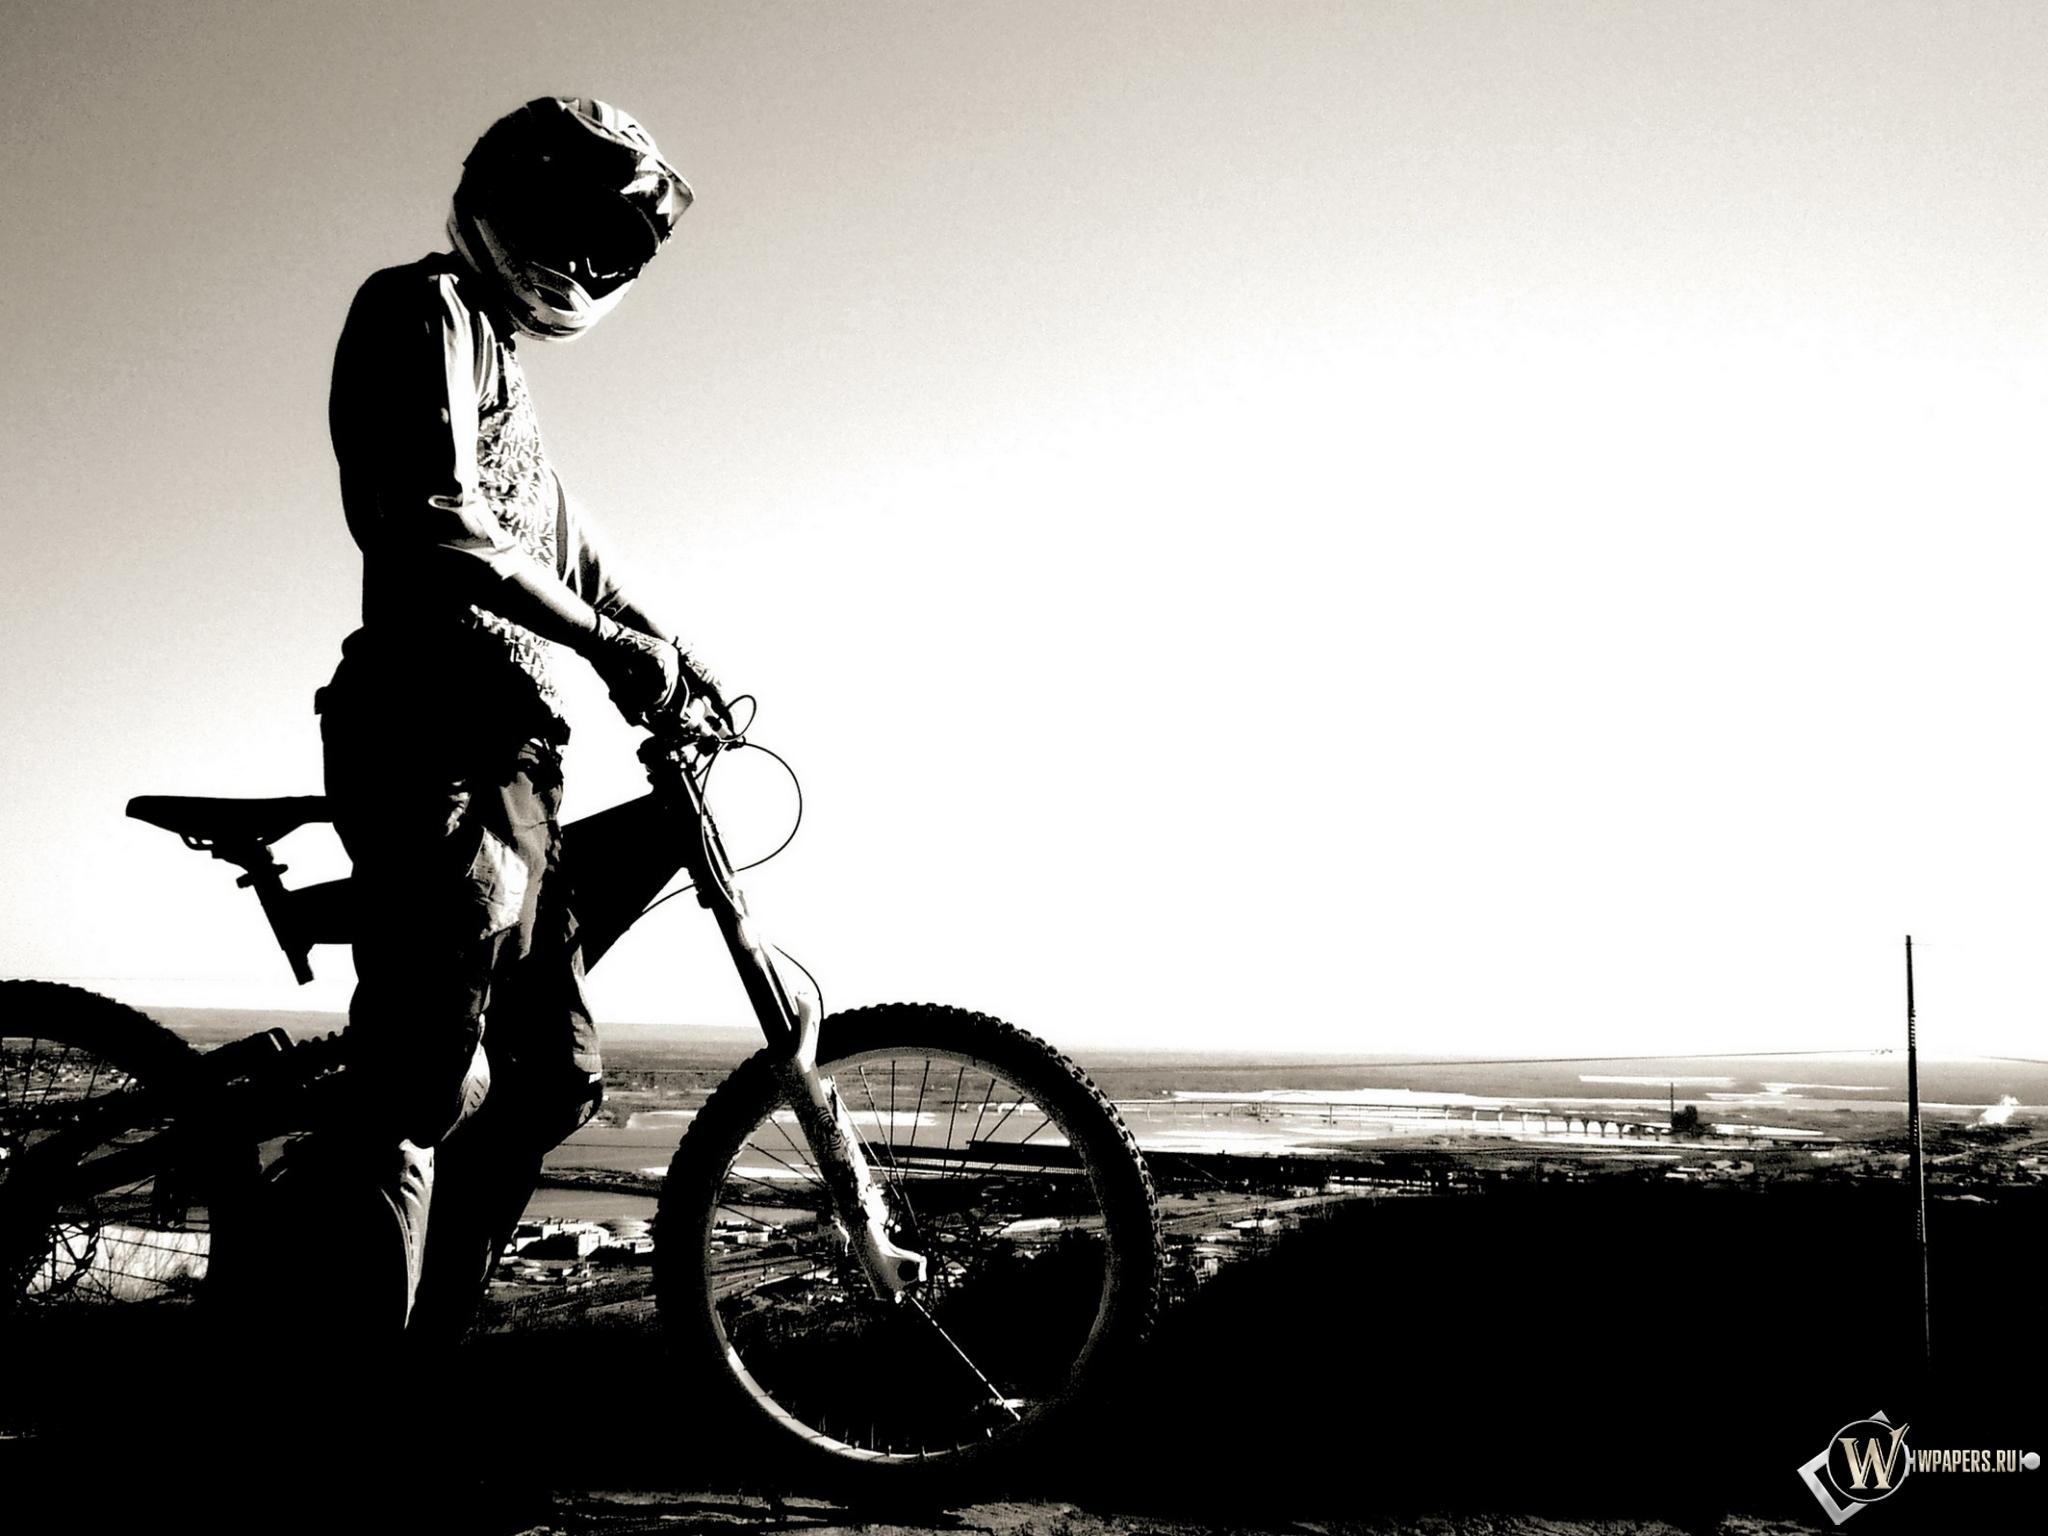 Велосипедист 2048x1536